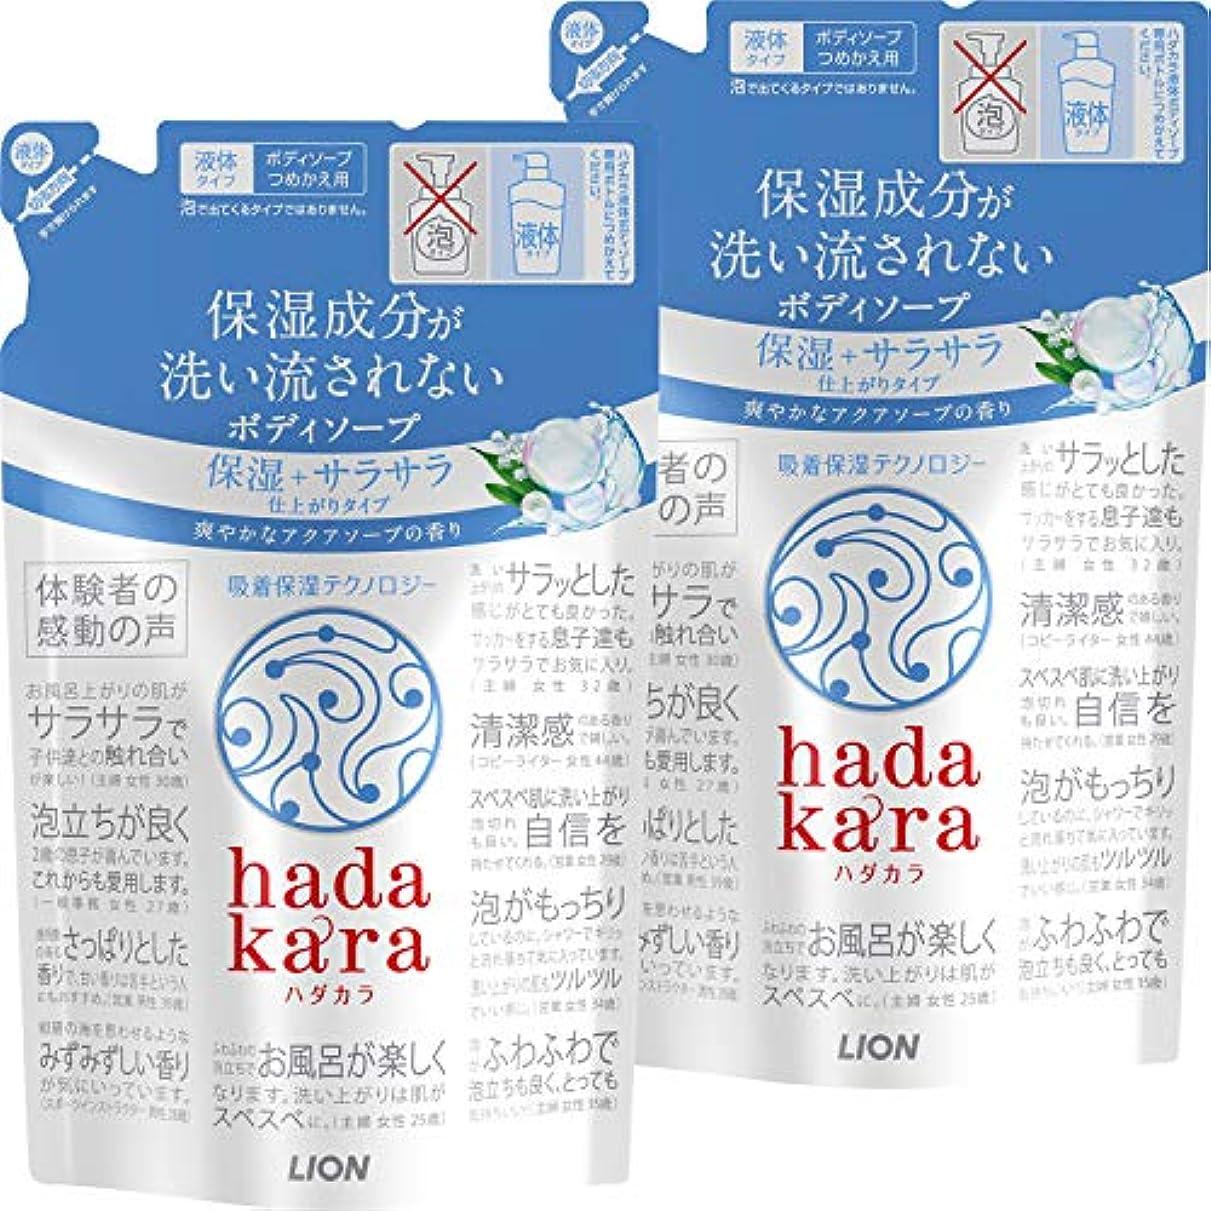 根拠インストラクター救出【まとめ買い】hadakara(ハダカラ) ボディソープ 保湿+サラサラ仕上がりタイプ アクアソープの香り 詰め替え 340ml×2個パック